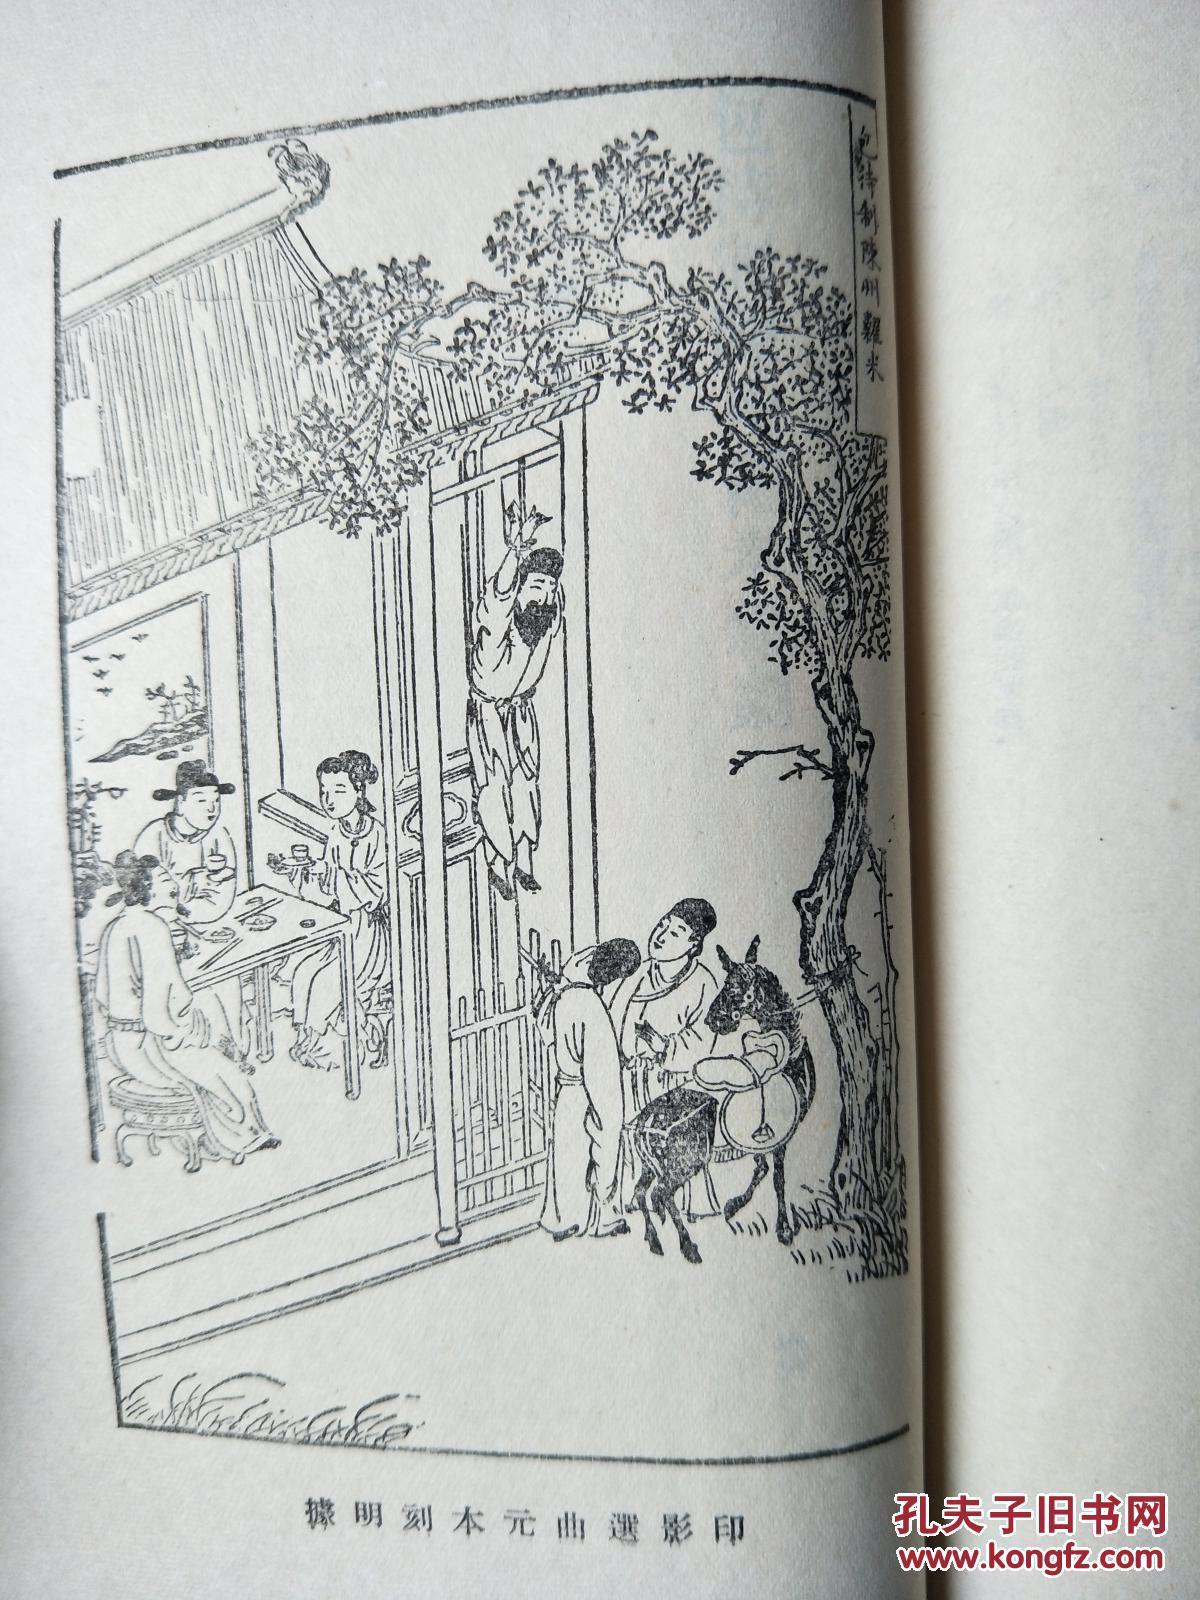 元人杂剧选 56年一版一印 内有古代插图 硬纸皮包书 看图